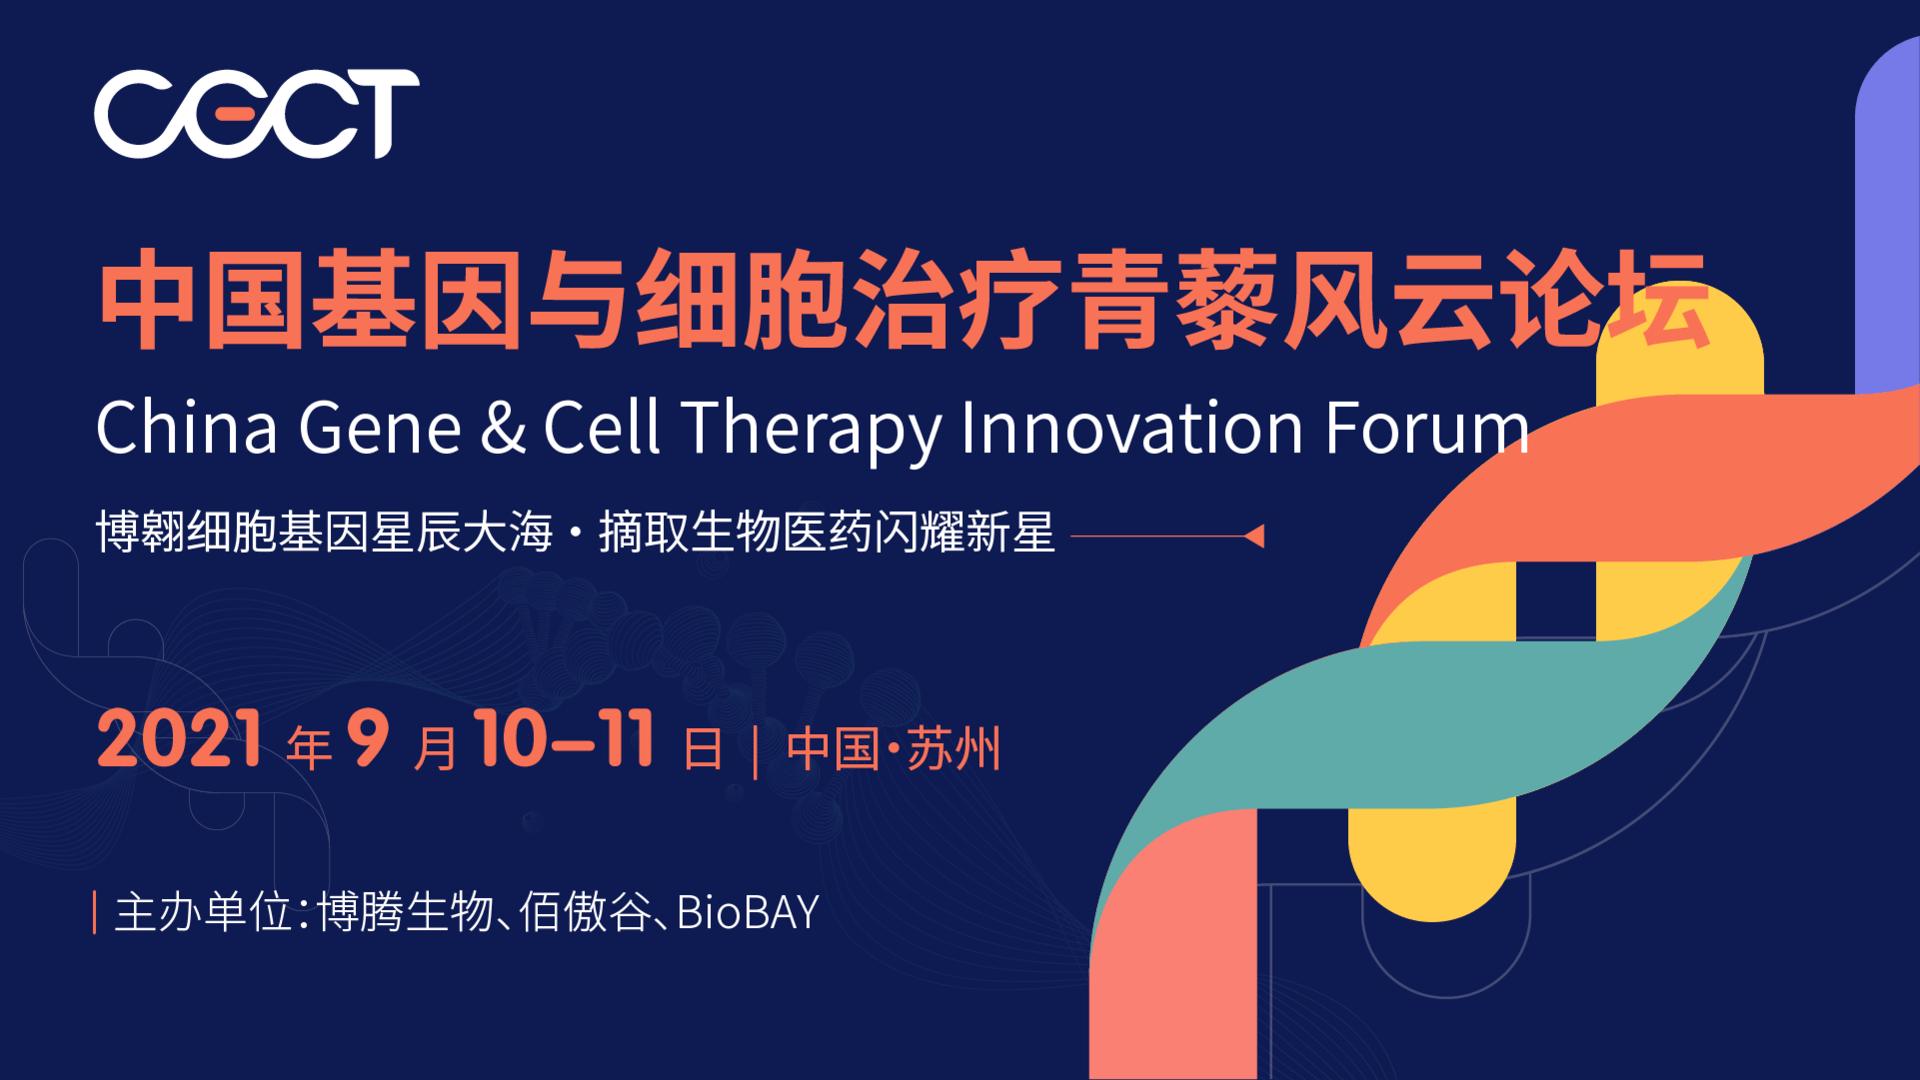 CGCT 中国基因与细胞治疗青藜风云论坛 2021